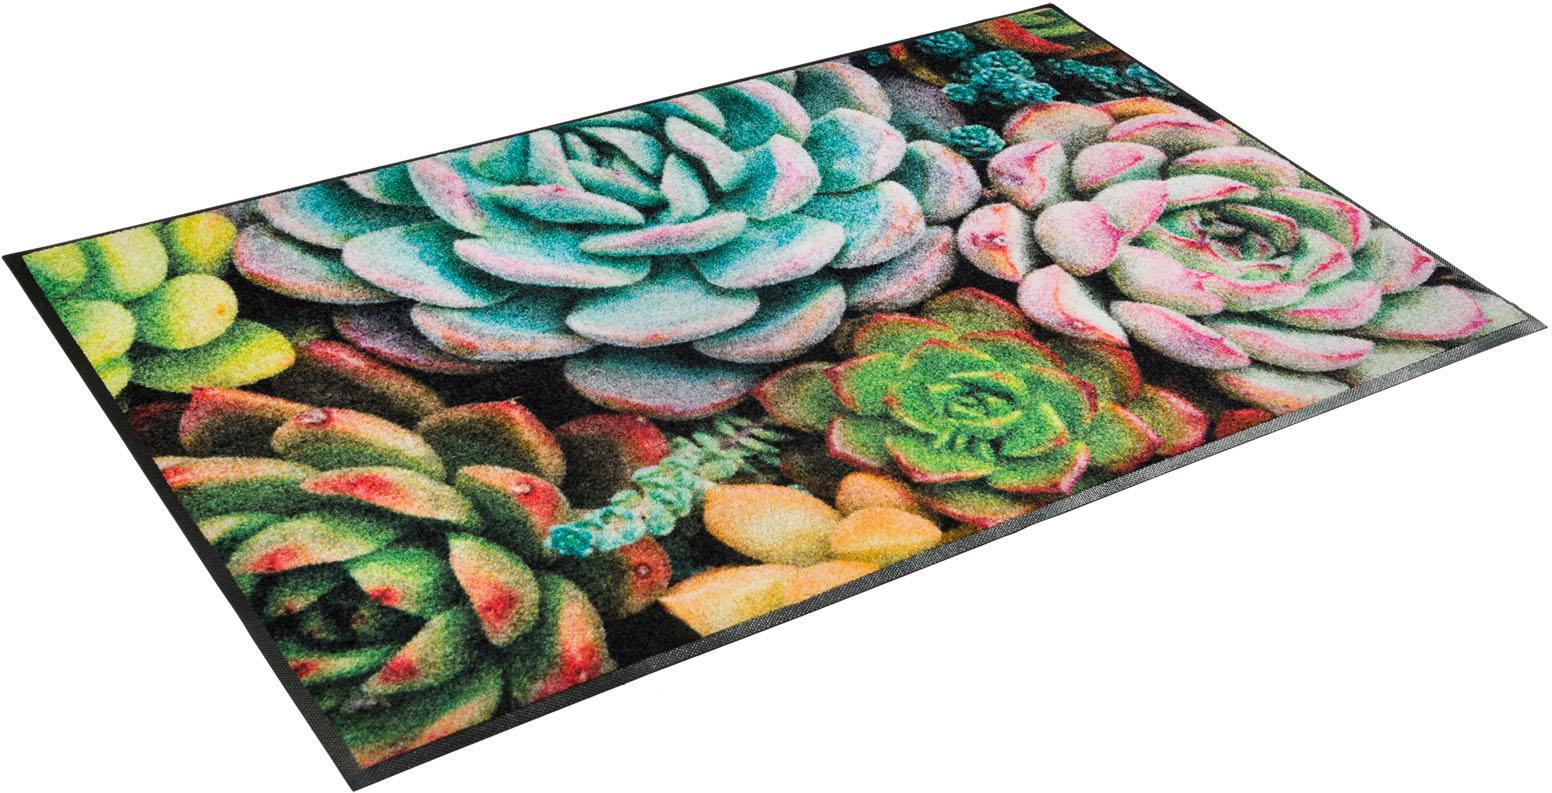 Teppich Edge of Night wash+dry by Kleen-Tex rechteckig Höhe 7 mm gedruckt